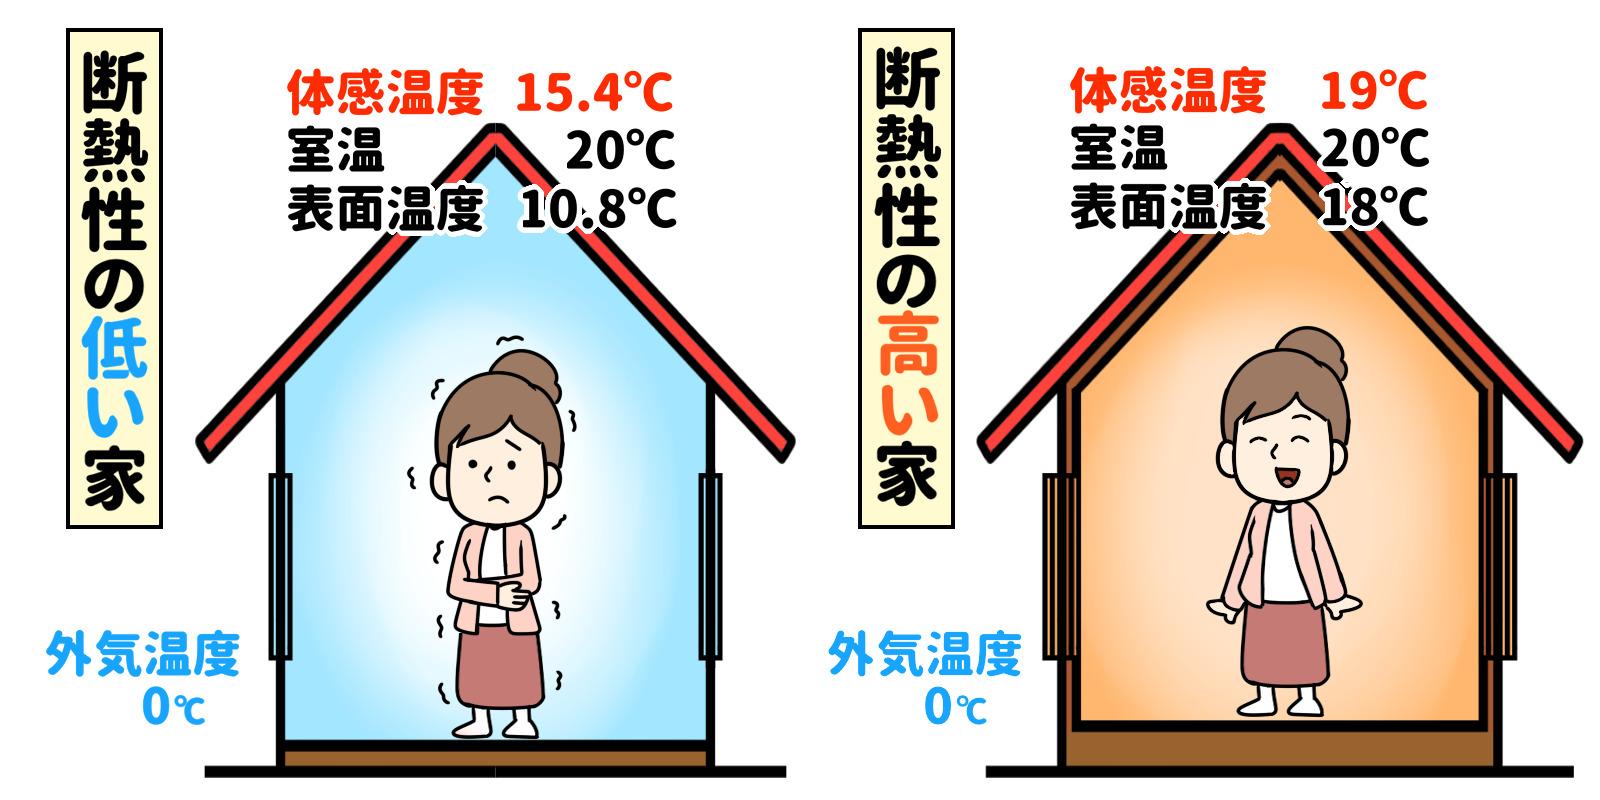 ハウスメーカー断熱性能比較